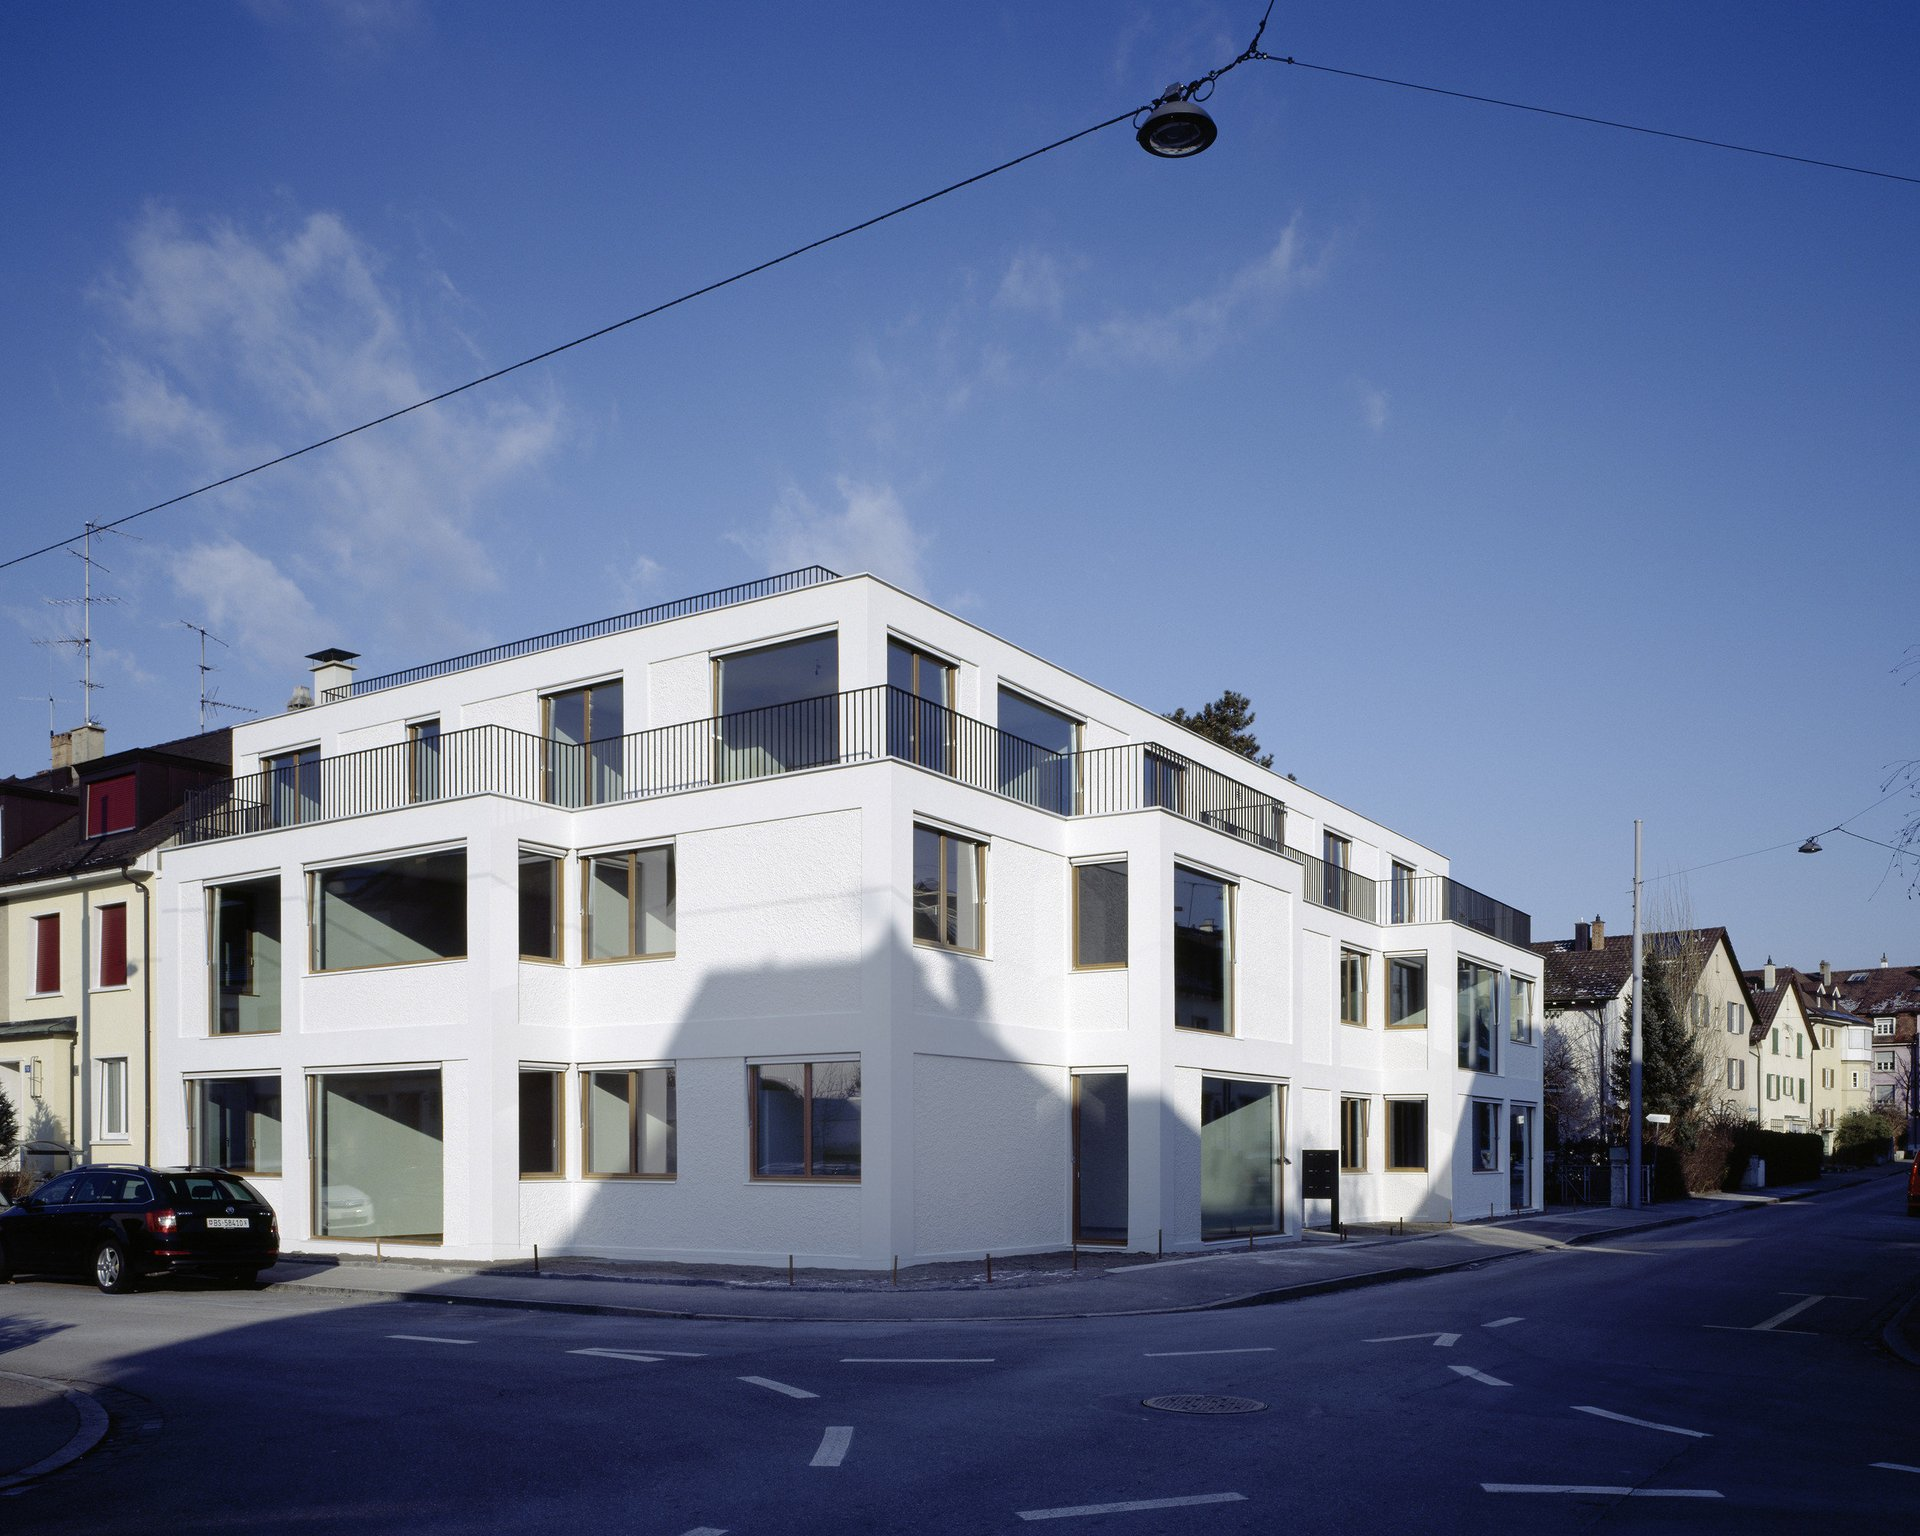 2-stöckiges Wohngebäude mit verschieden grossen Fenstern und weisser Fassade